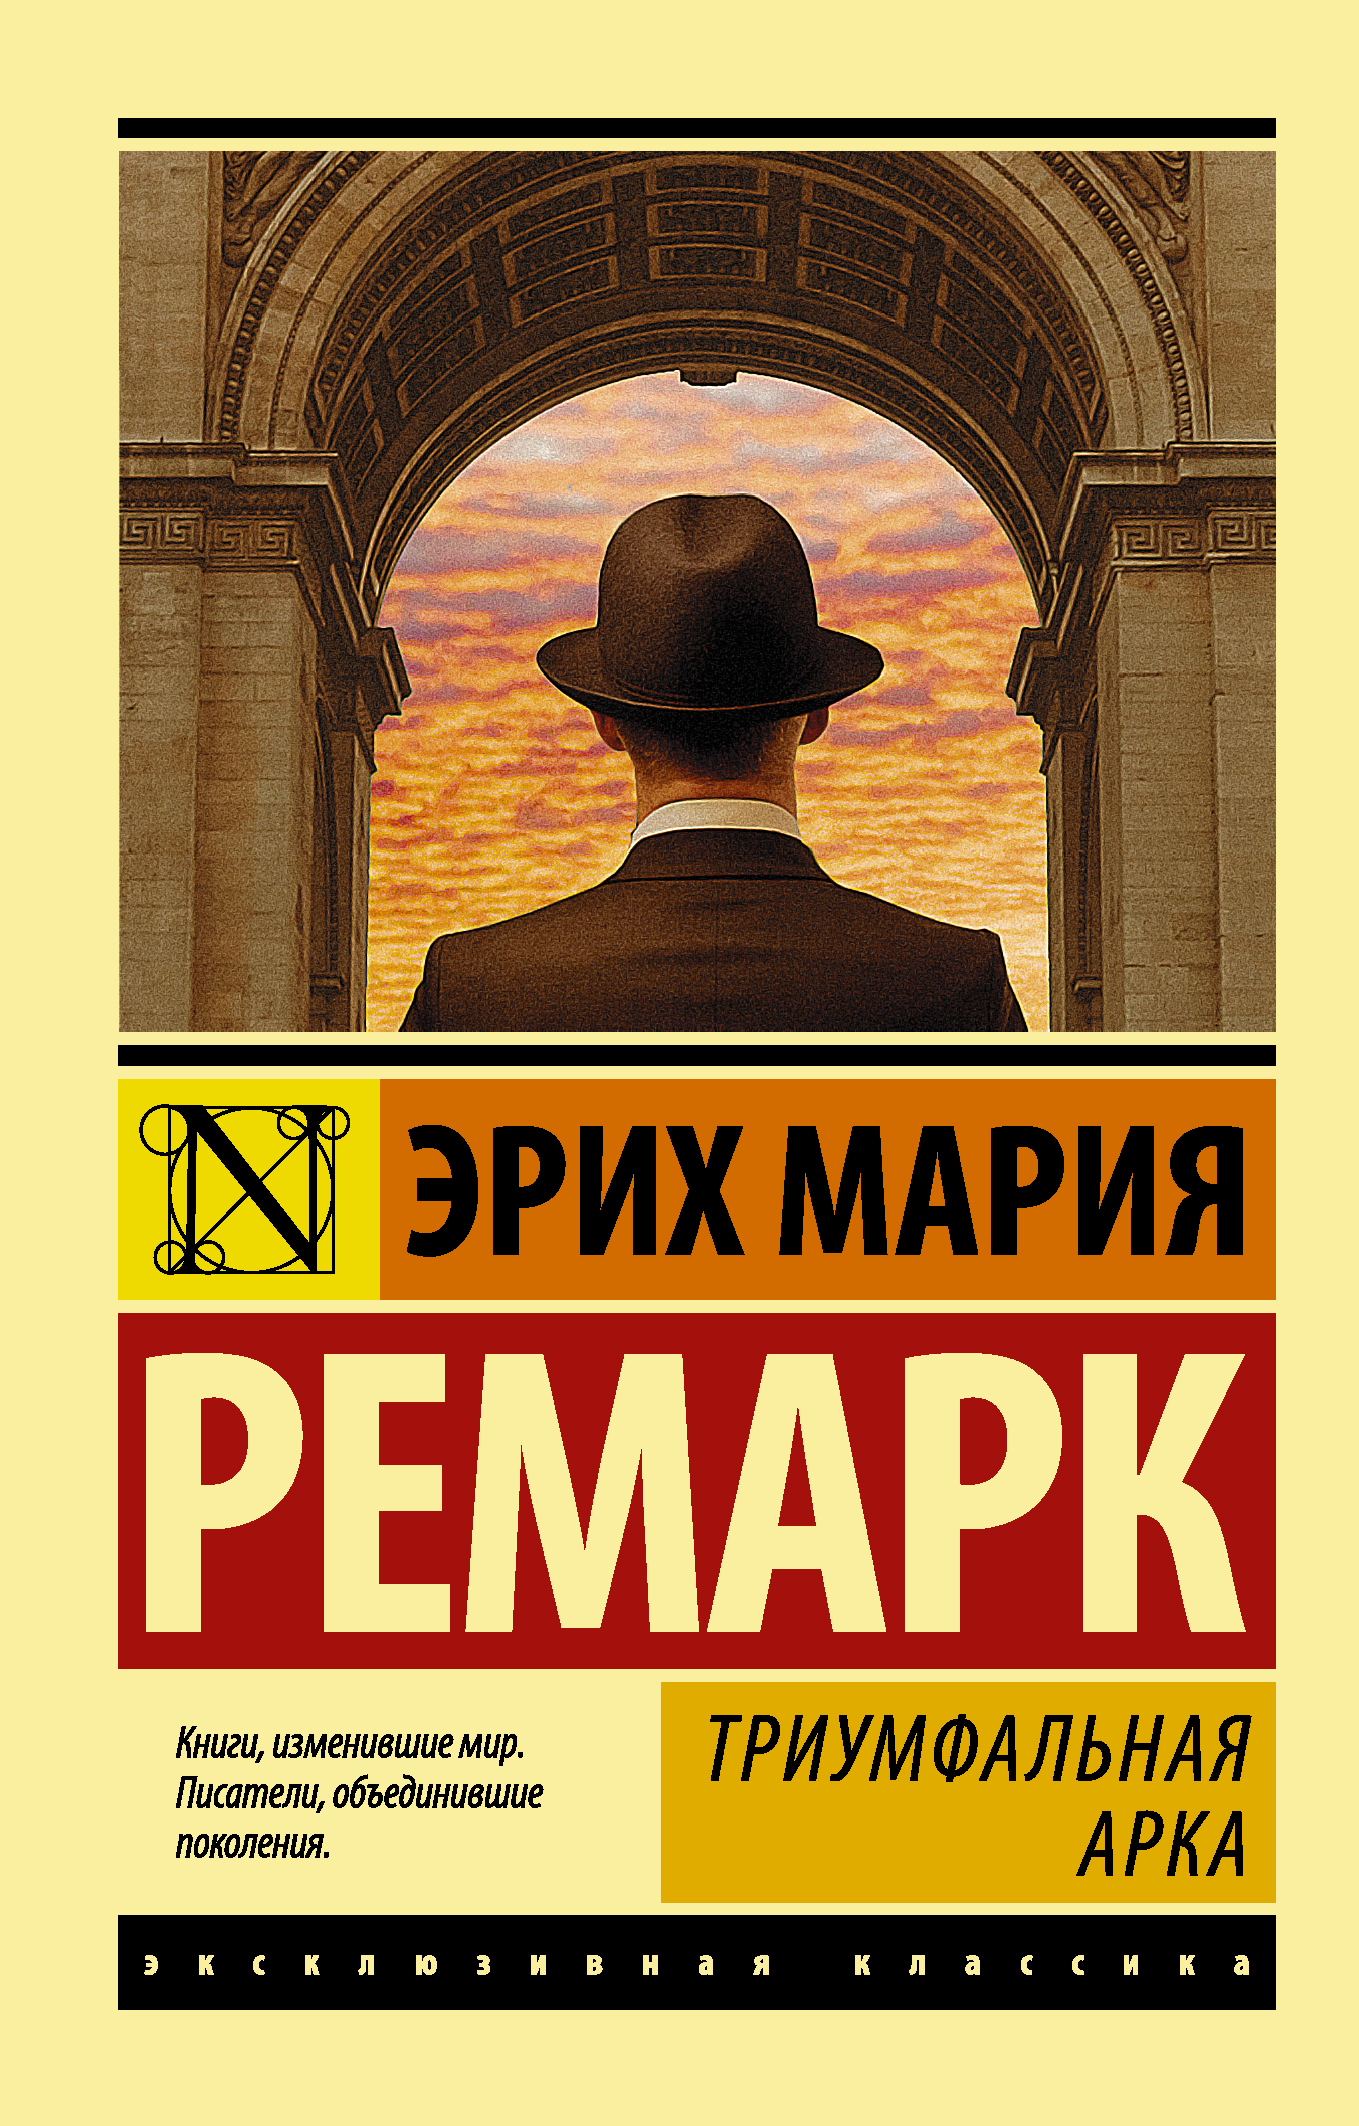 Скачать триумфальная арка ремарк pdf бесплатно